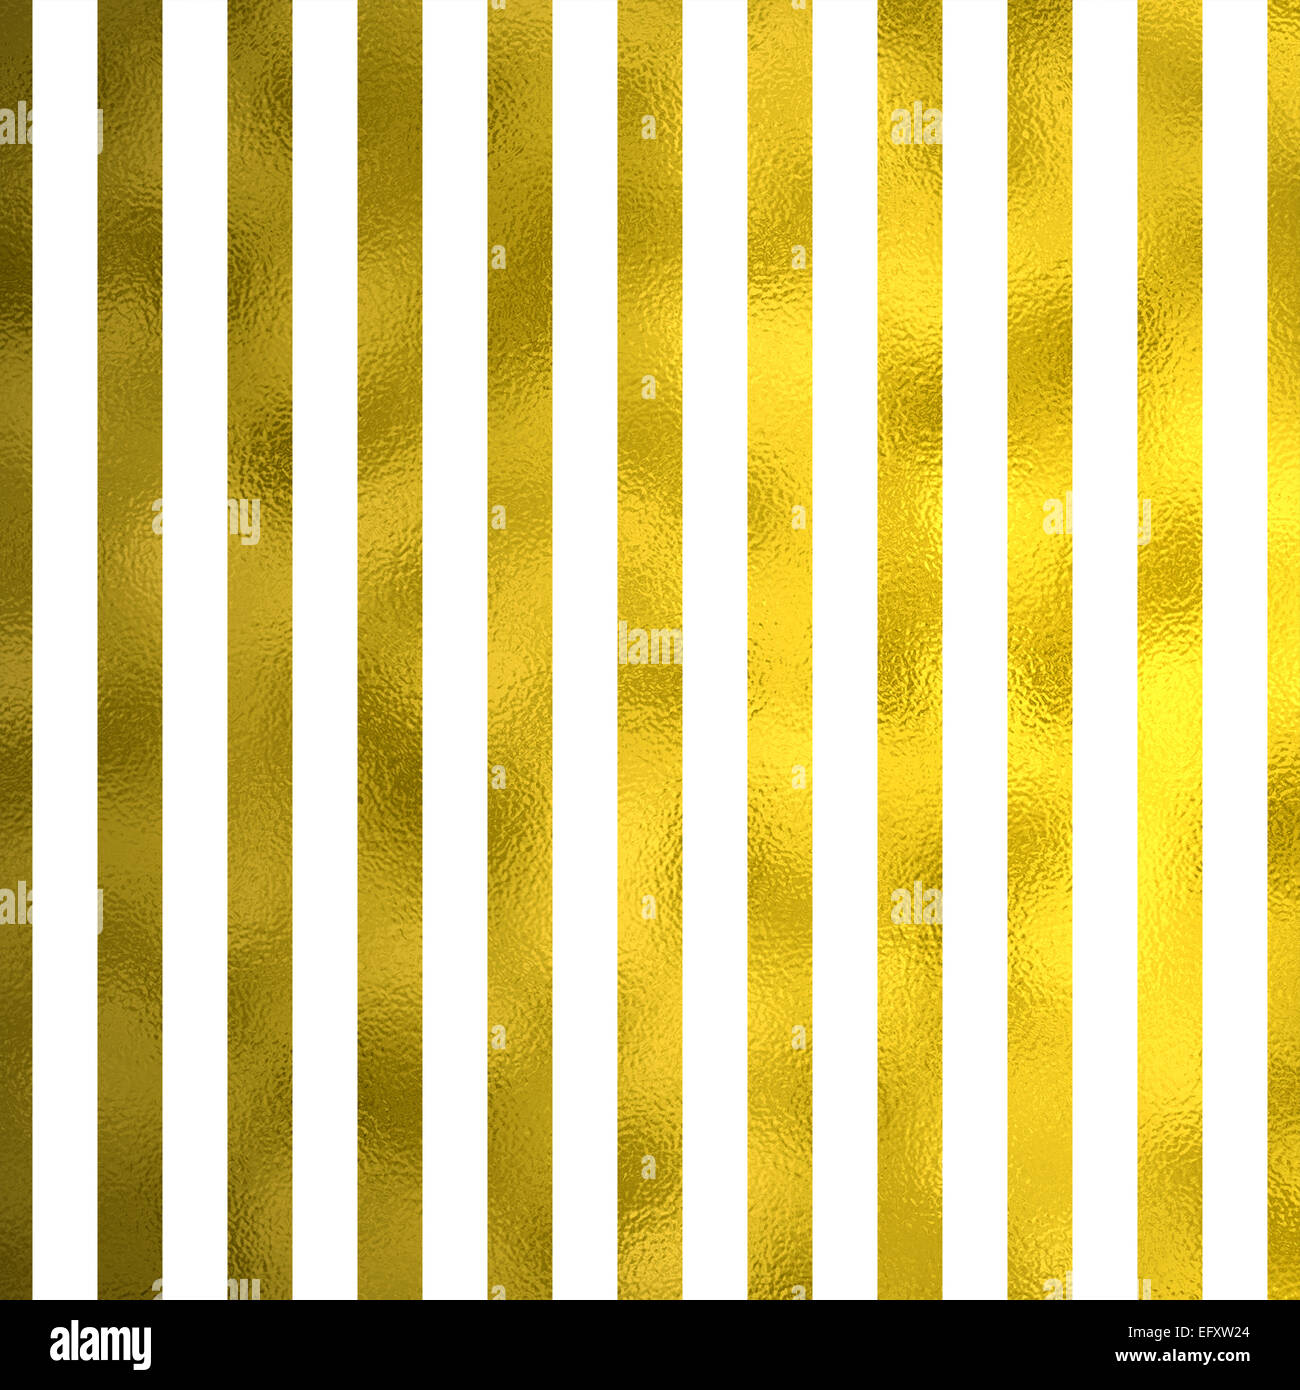 Bianco E Oro Metallizzato In Similpelle Di Strisce Di Lamina Sfondo